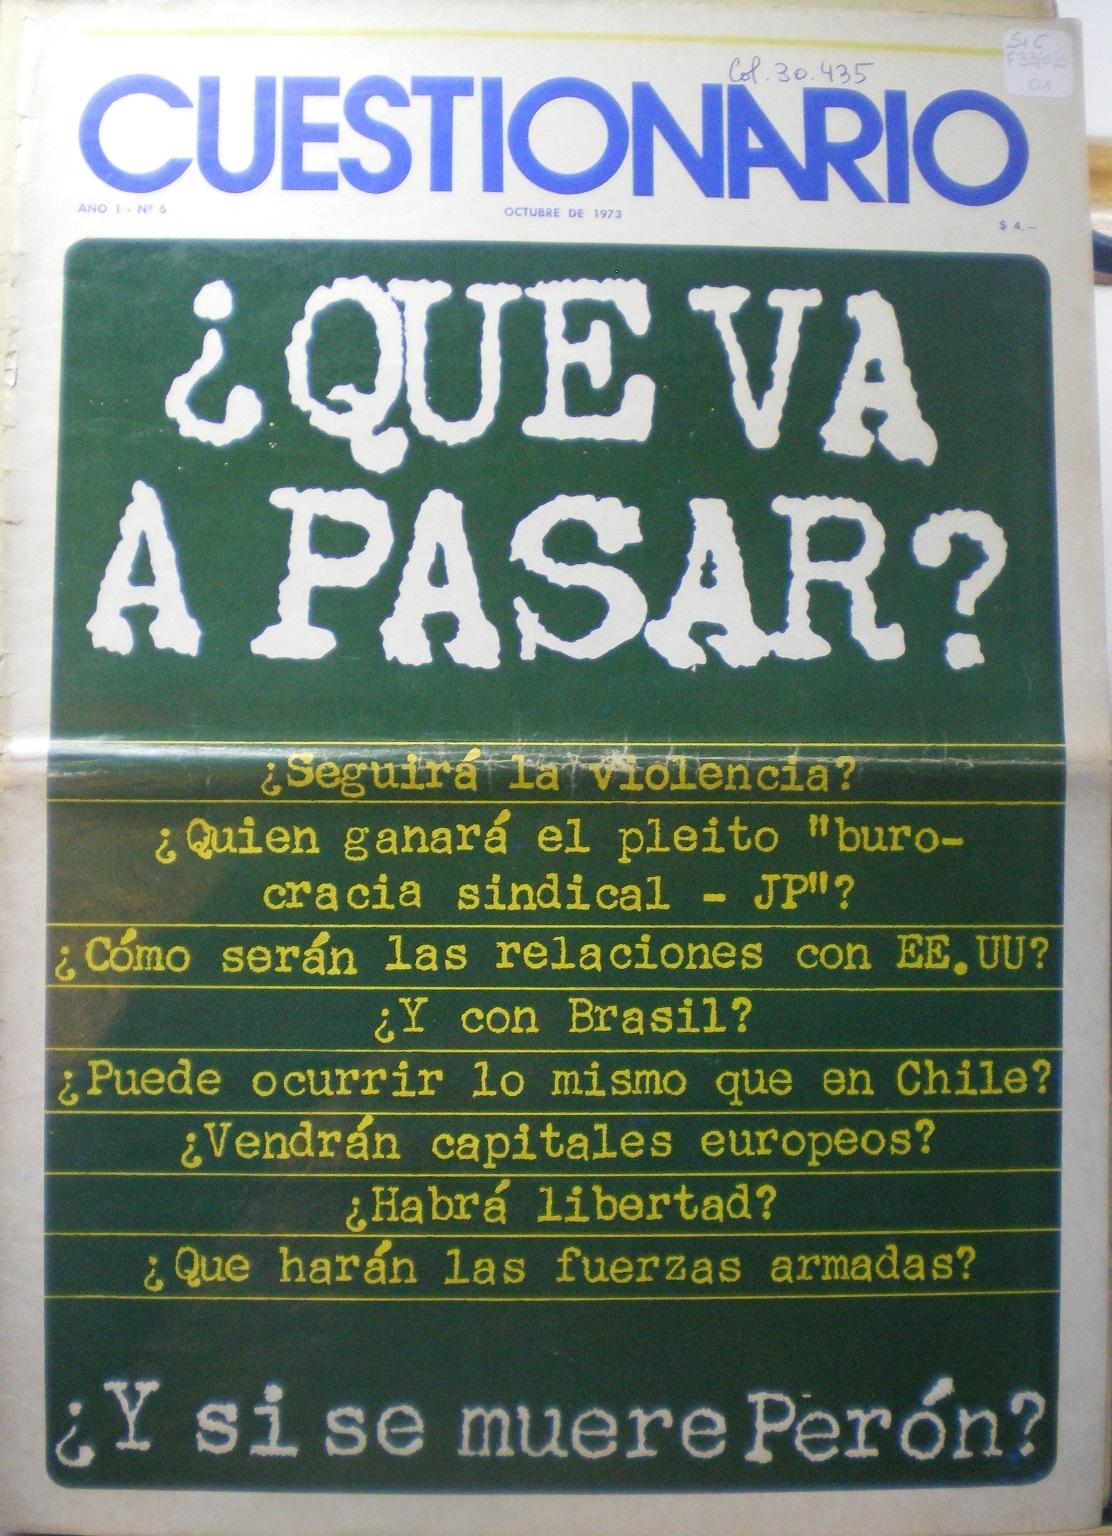 """Cuestionario realiza la pregunta tabú: """"¿Y si se muere Perón?"""" (octubre de 1973)"""